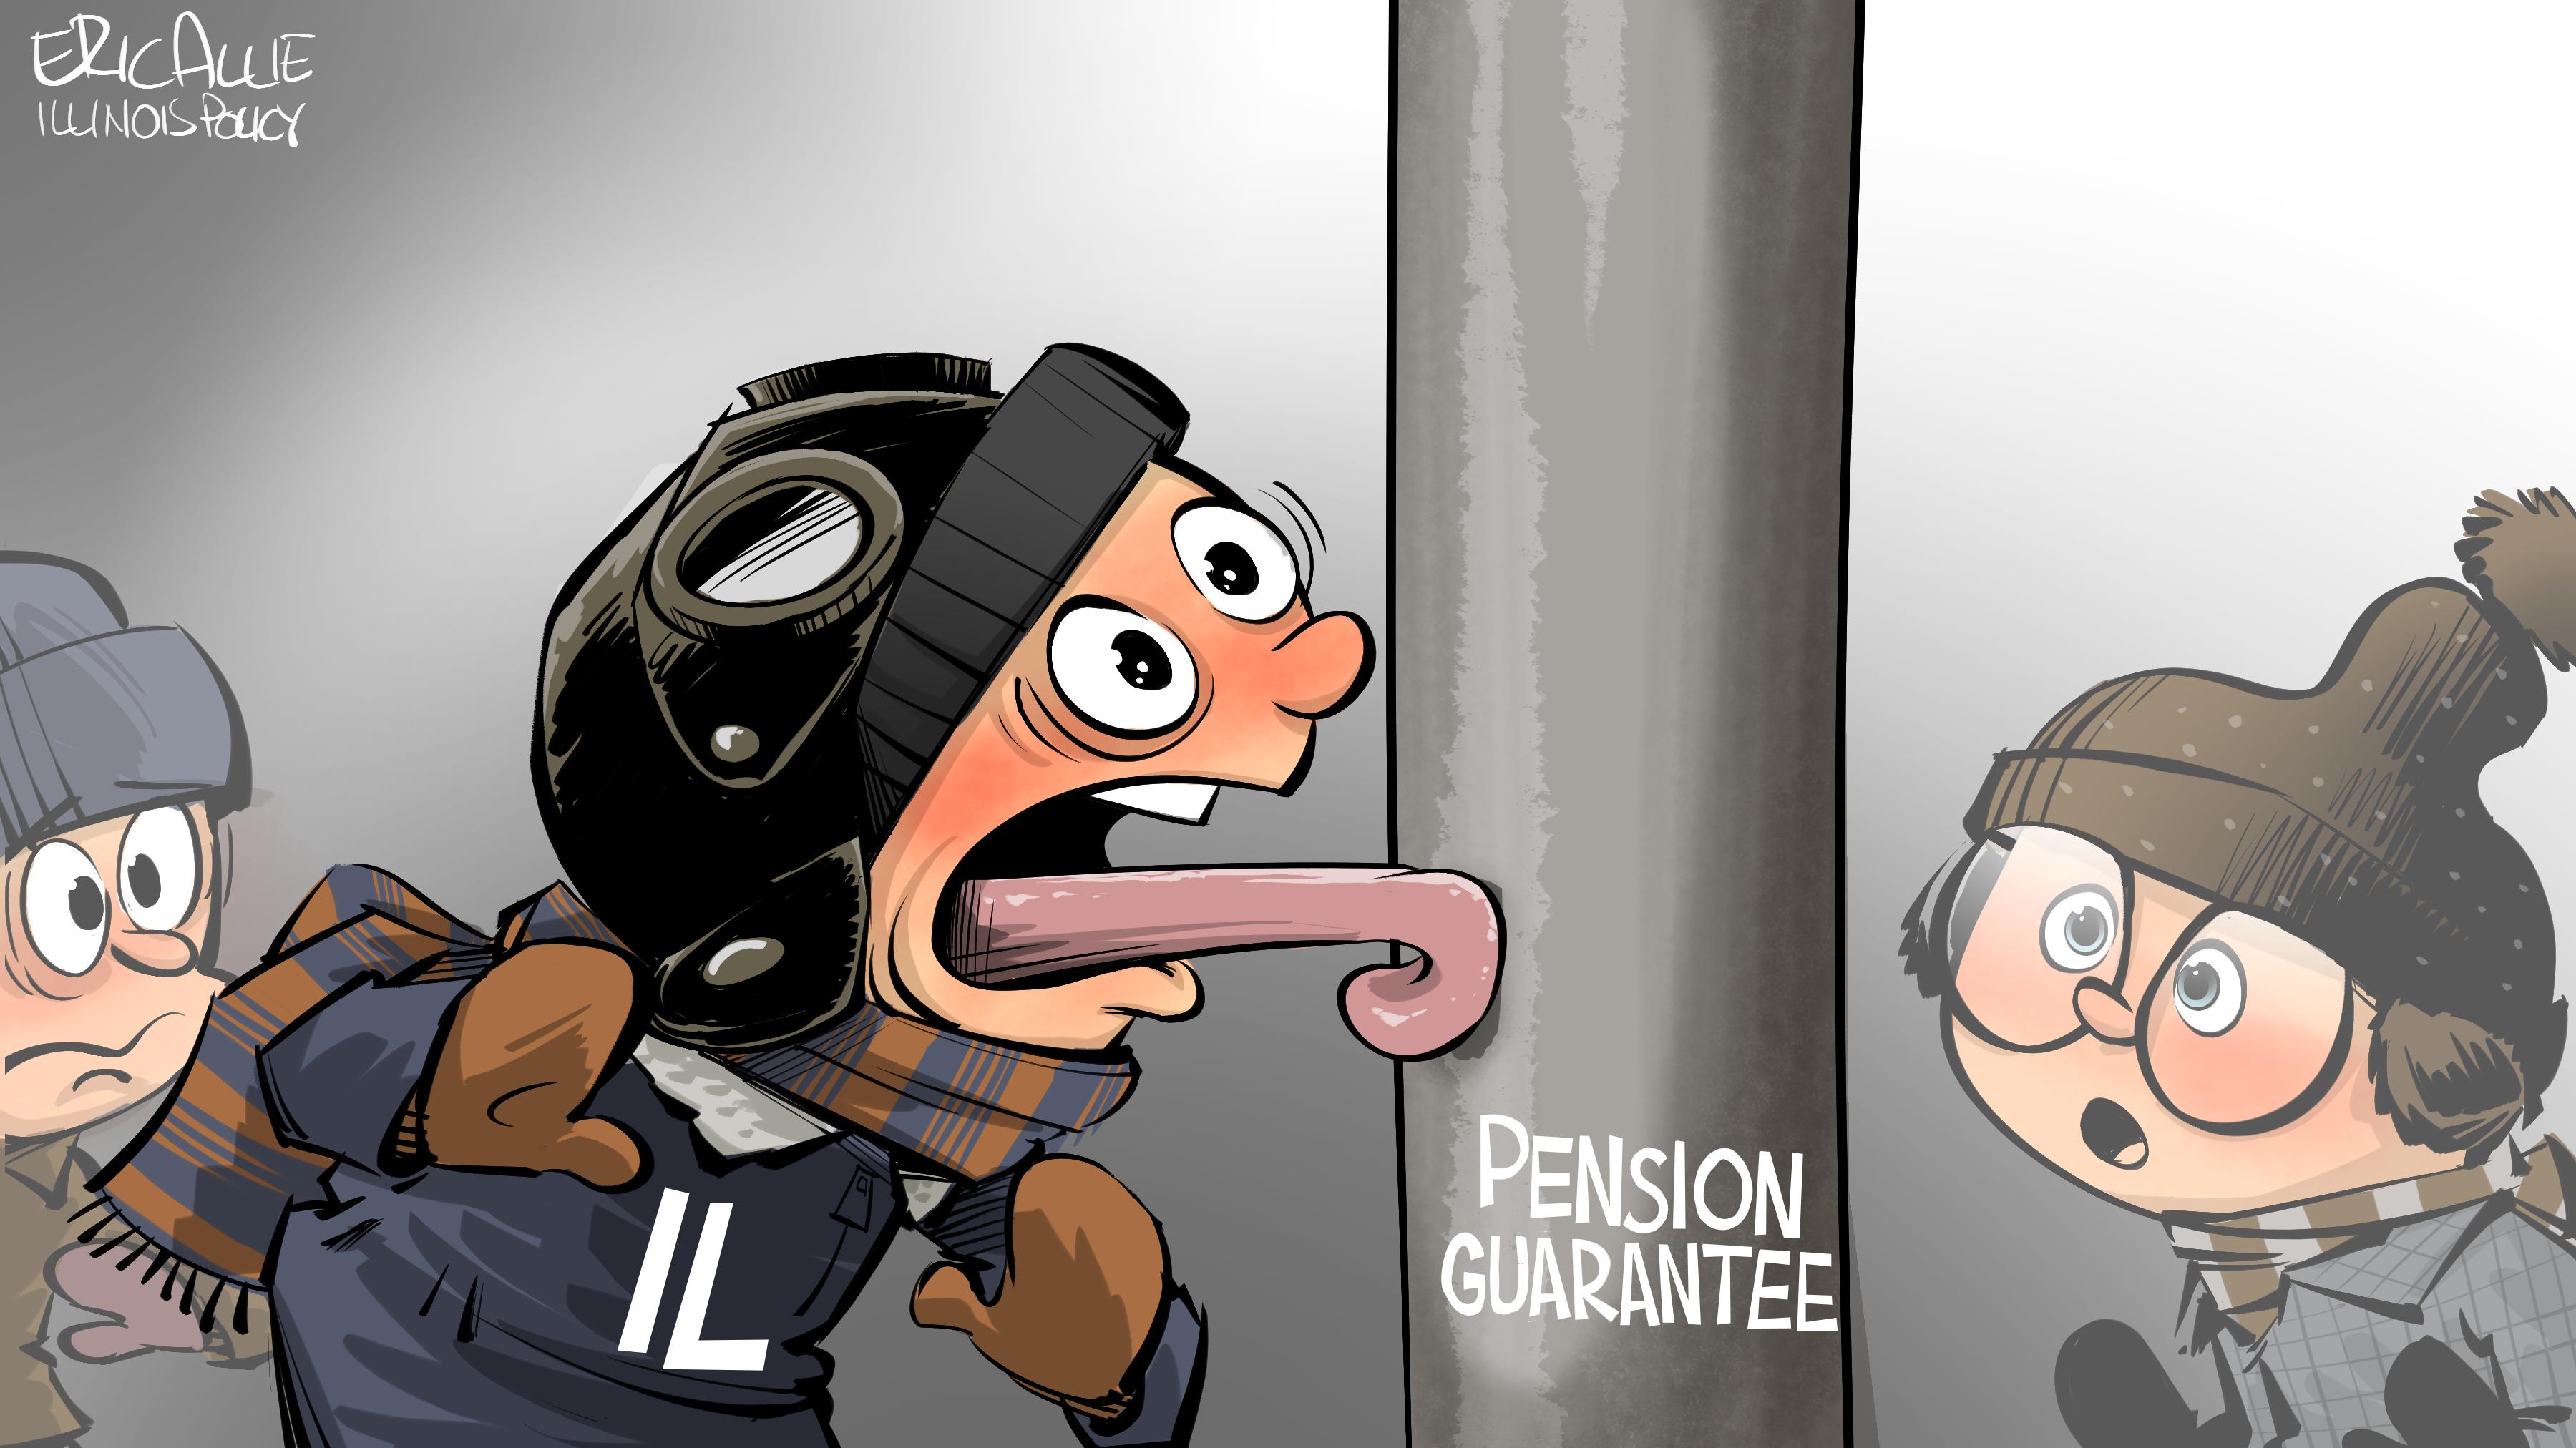 Illinois pension guarantee: stuck